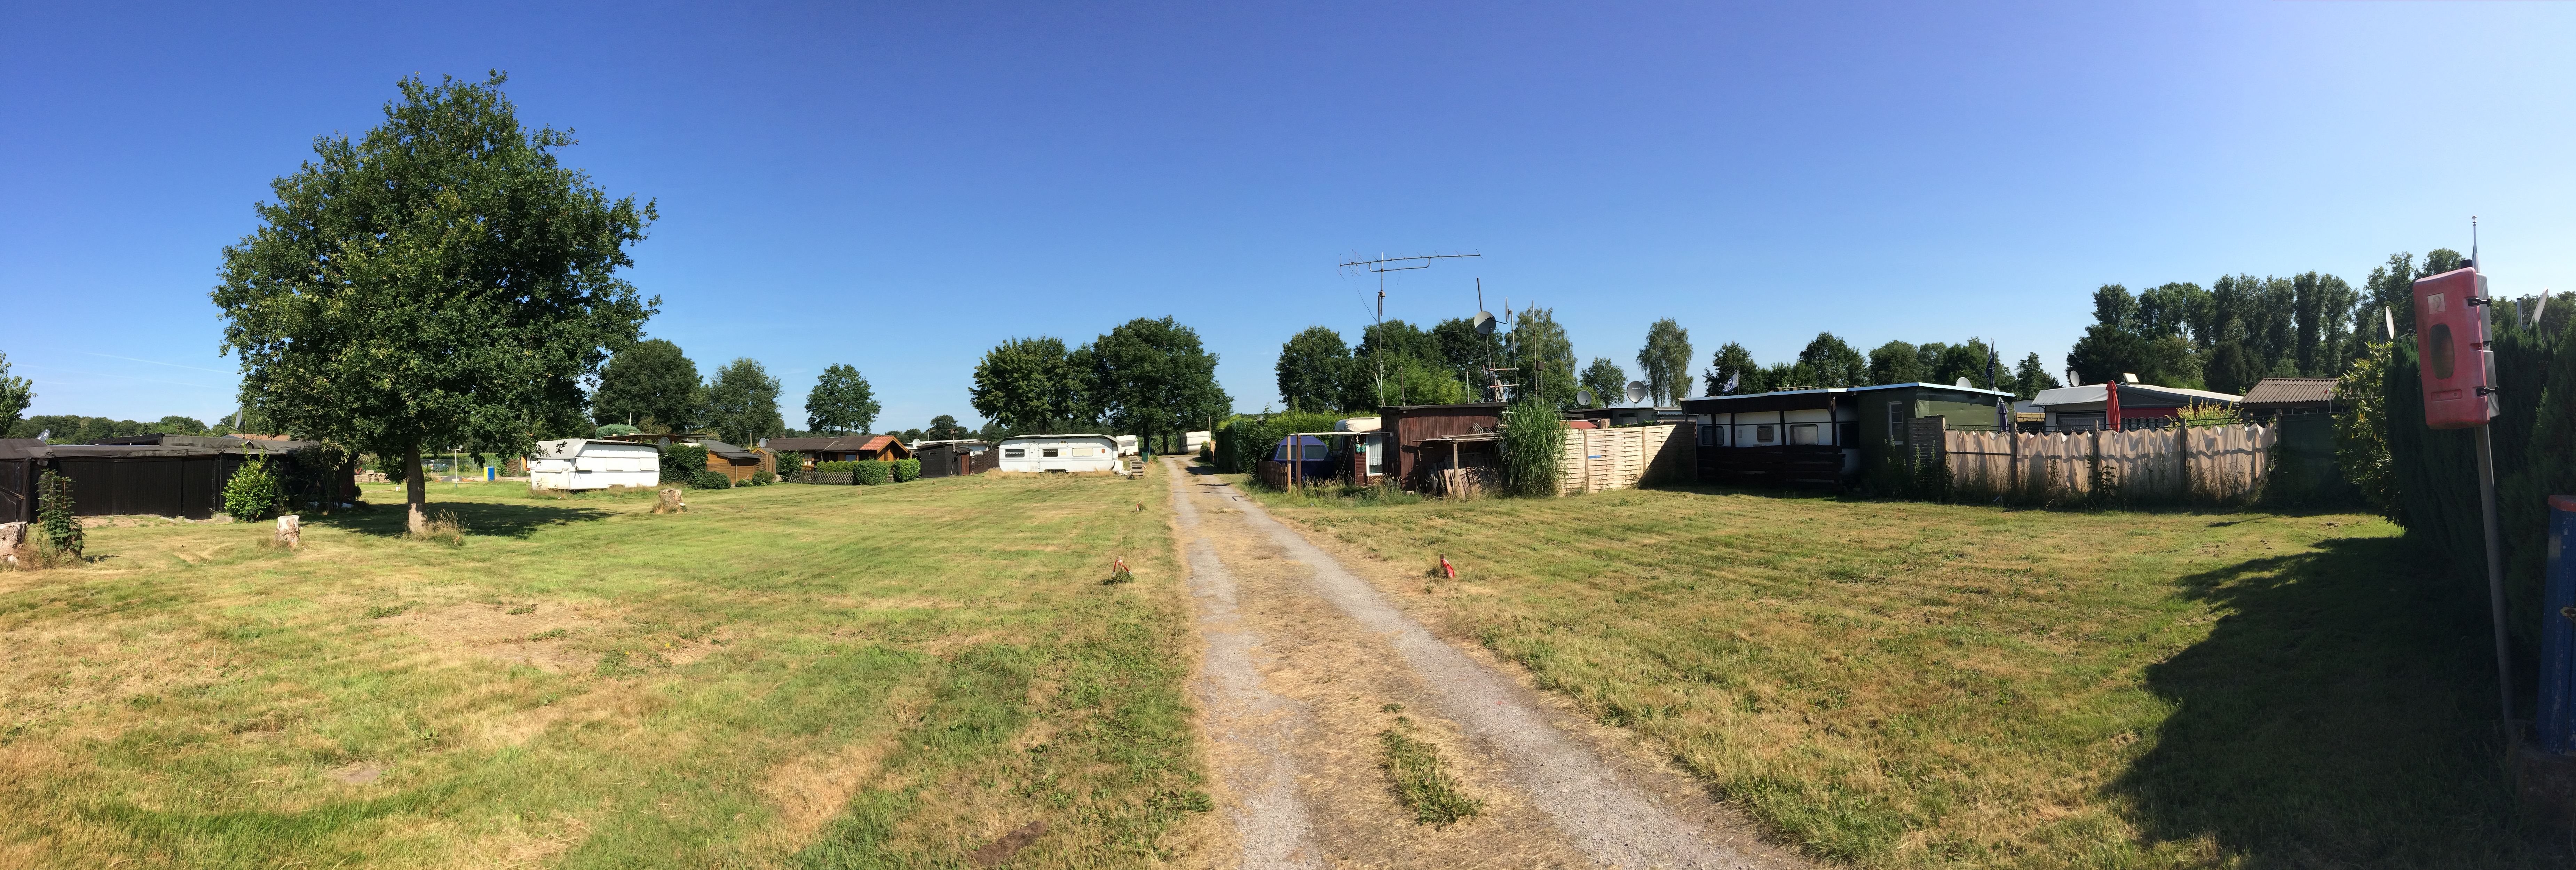 Eine Rasenfläche auf dem Campingplatz in der Nähe : Naturpott Borkenberge